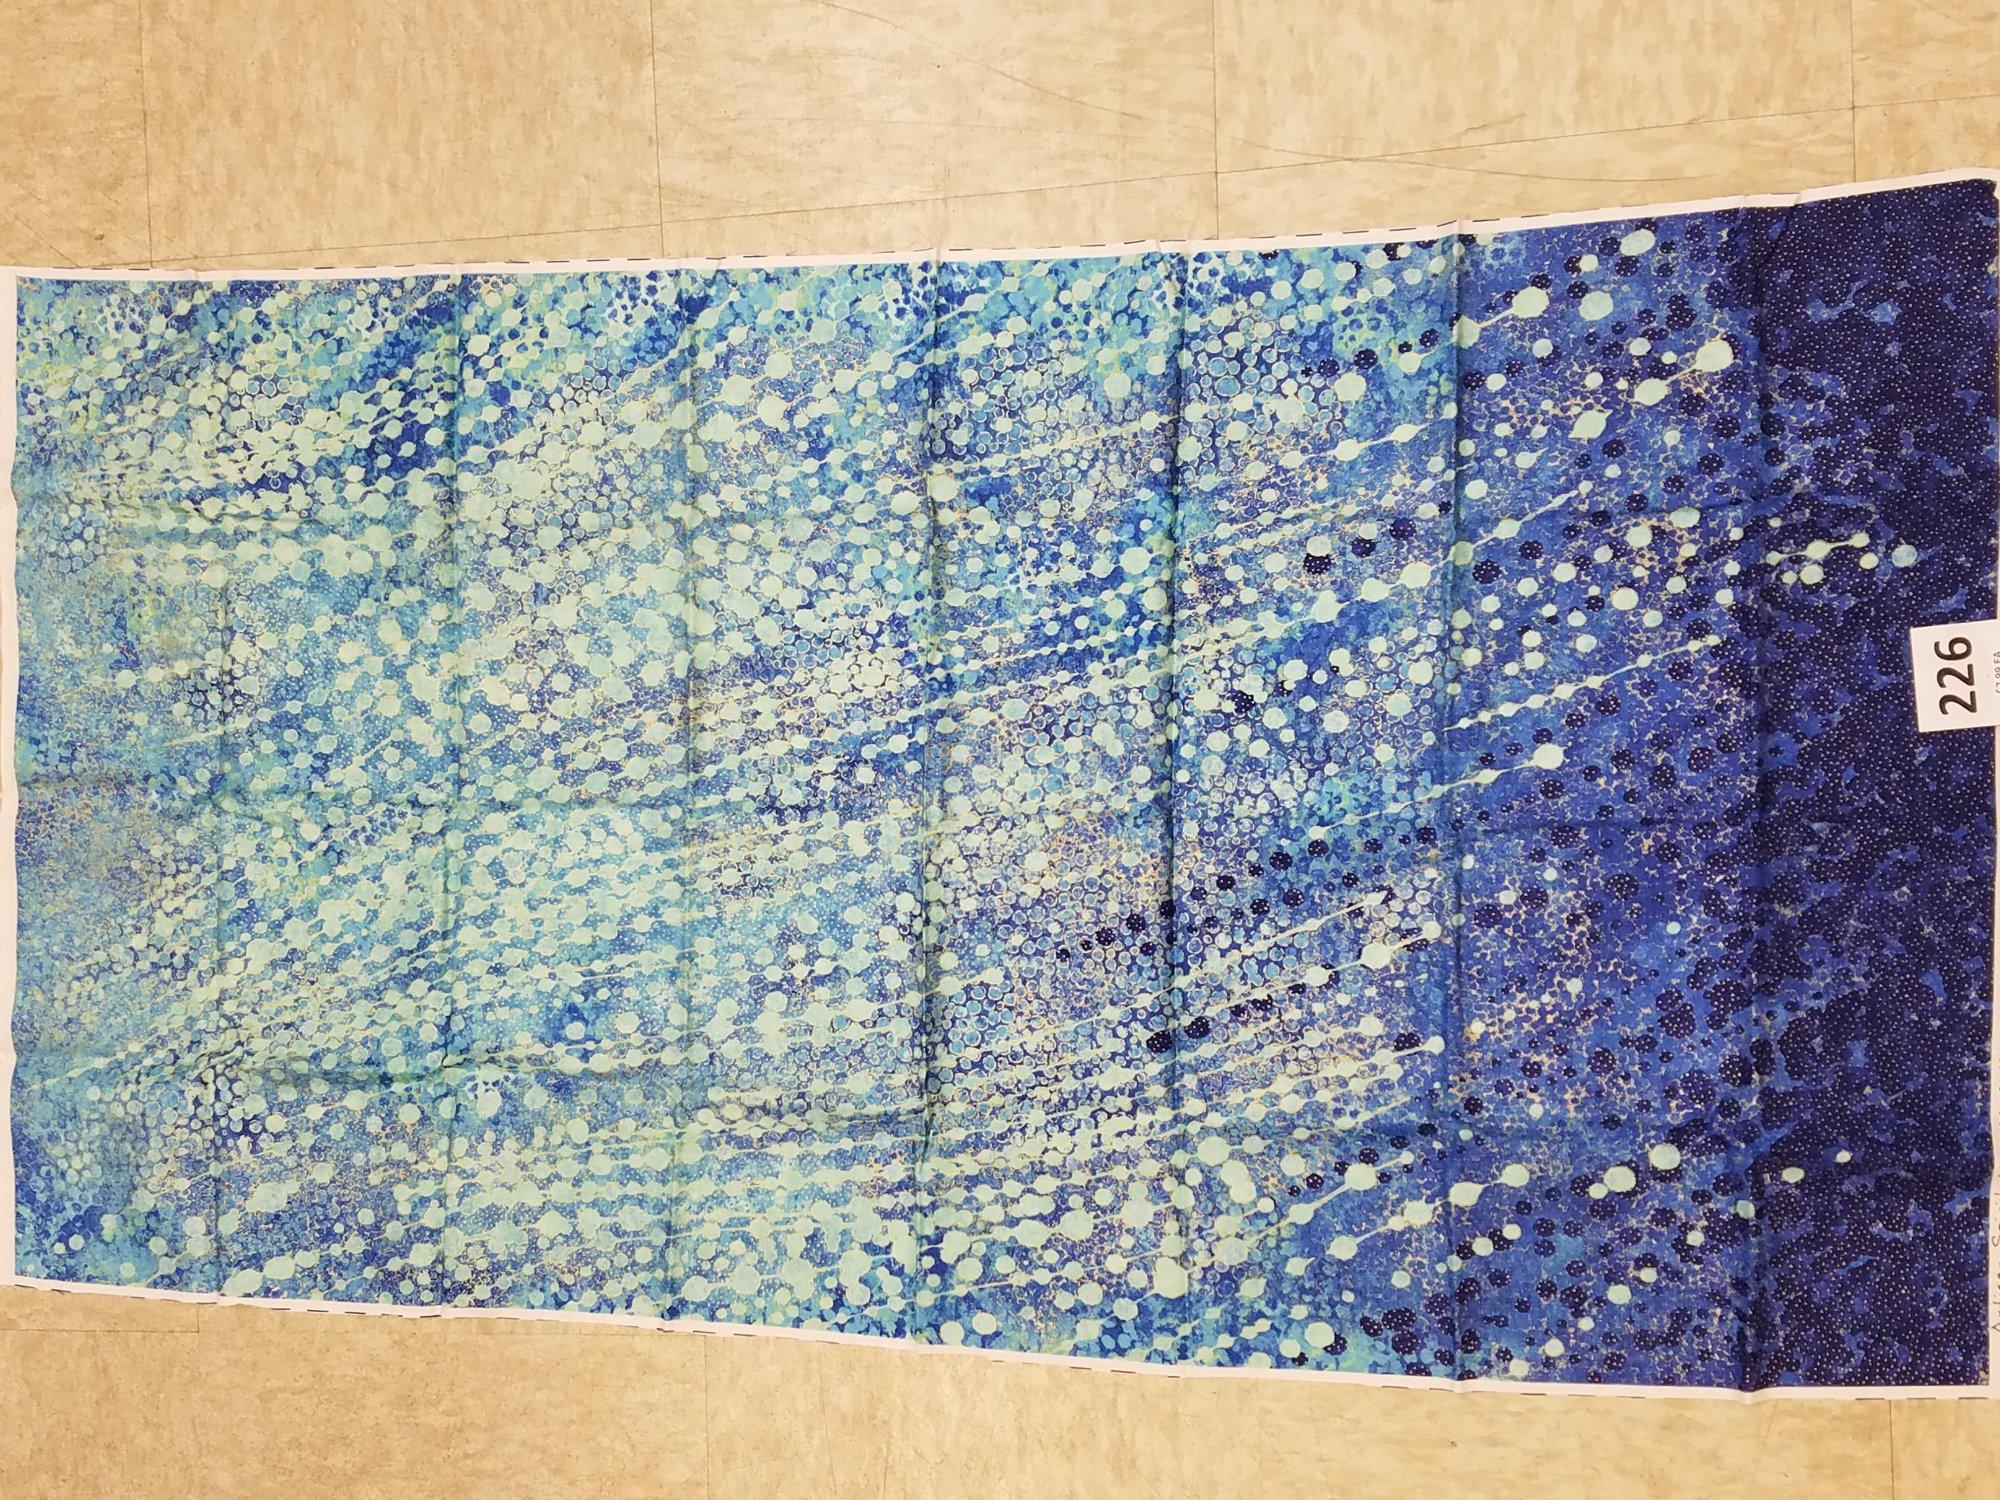 Panel 226 shimmer echos blue